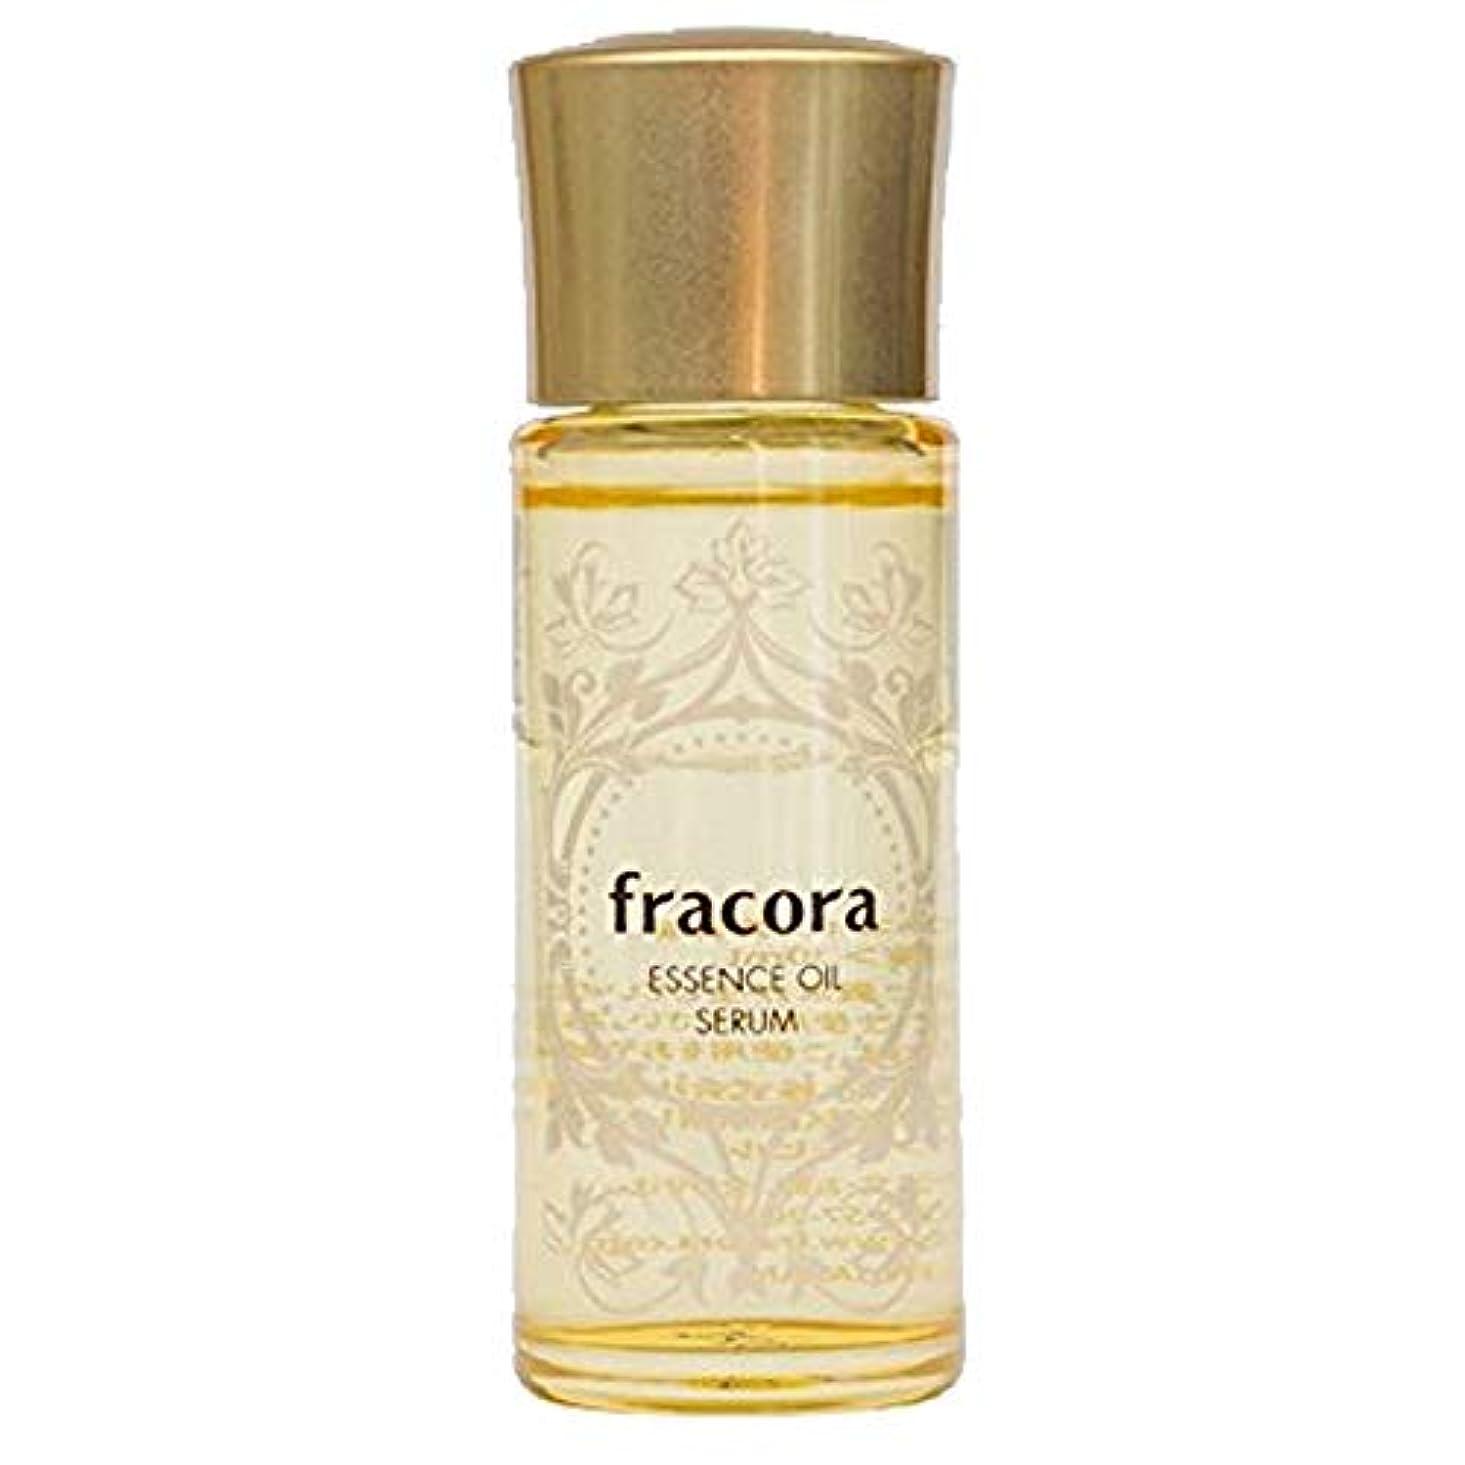 アレイ障害ラベンダーfracora(フラコラ) エッセンスオイル美容液 30mL